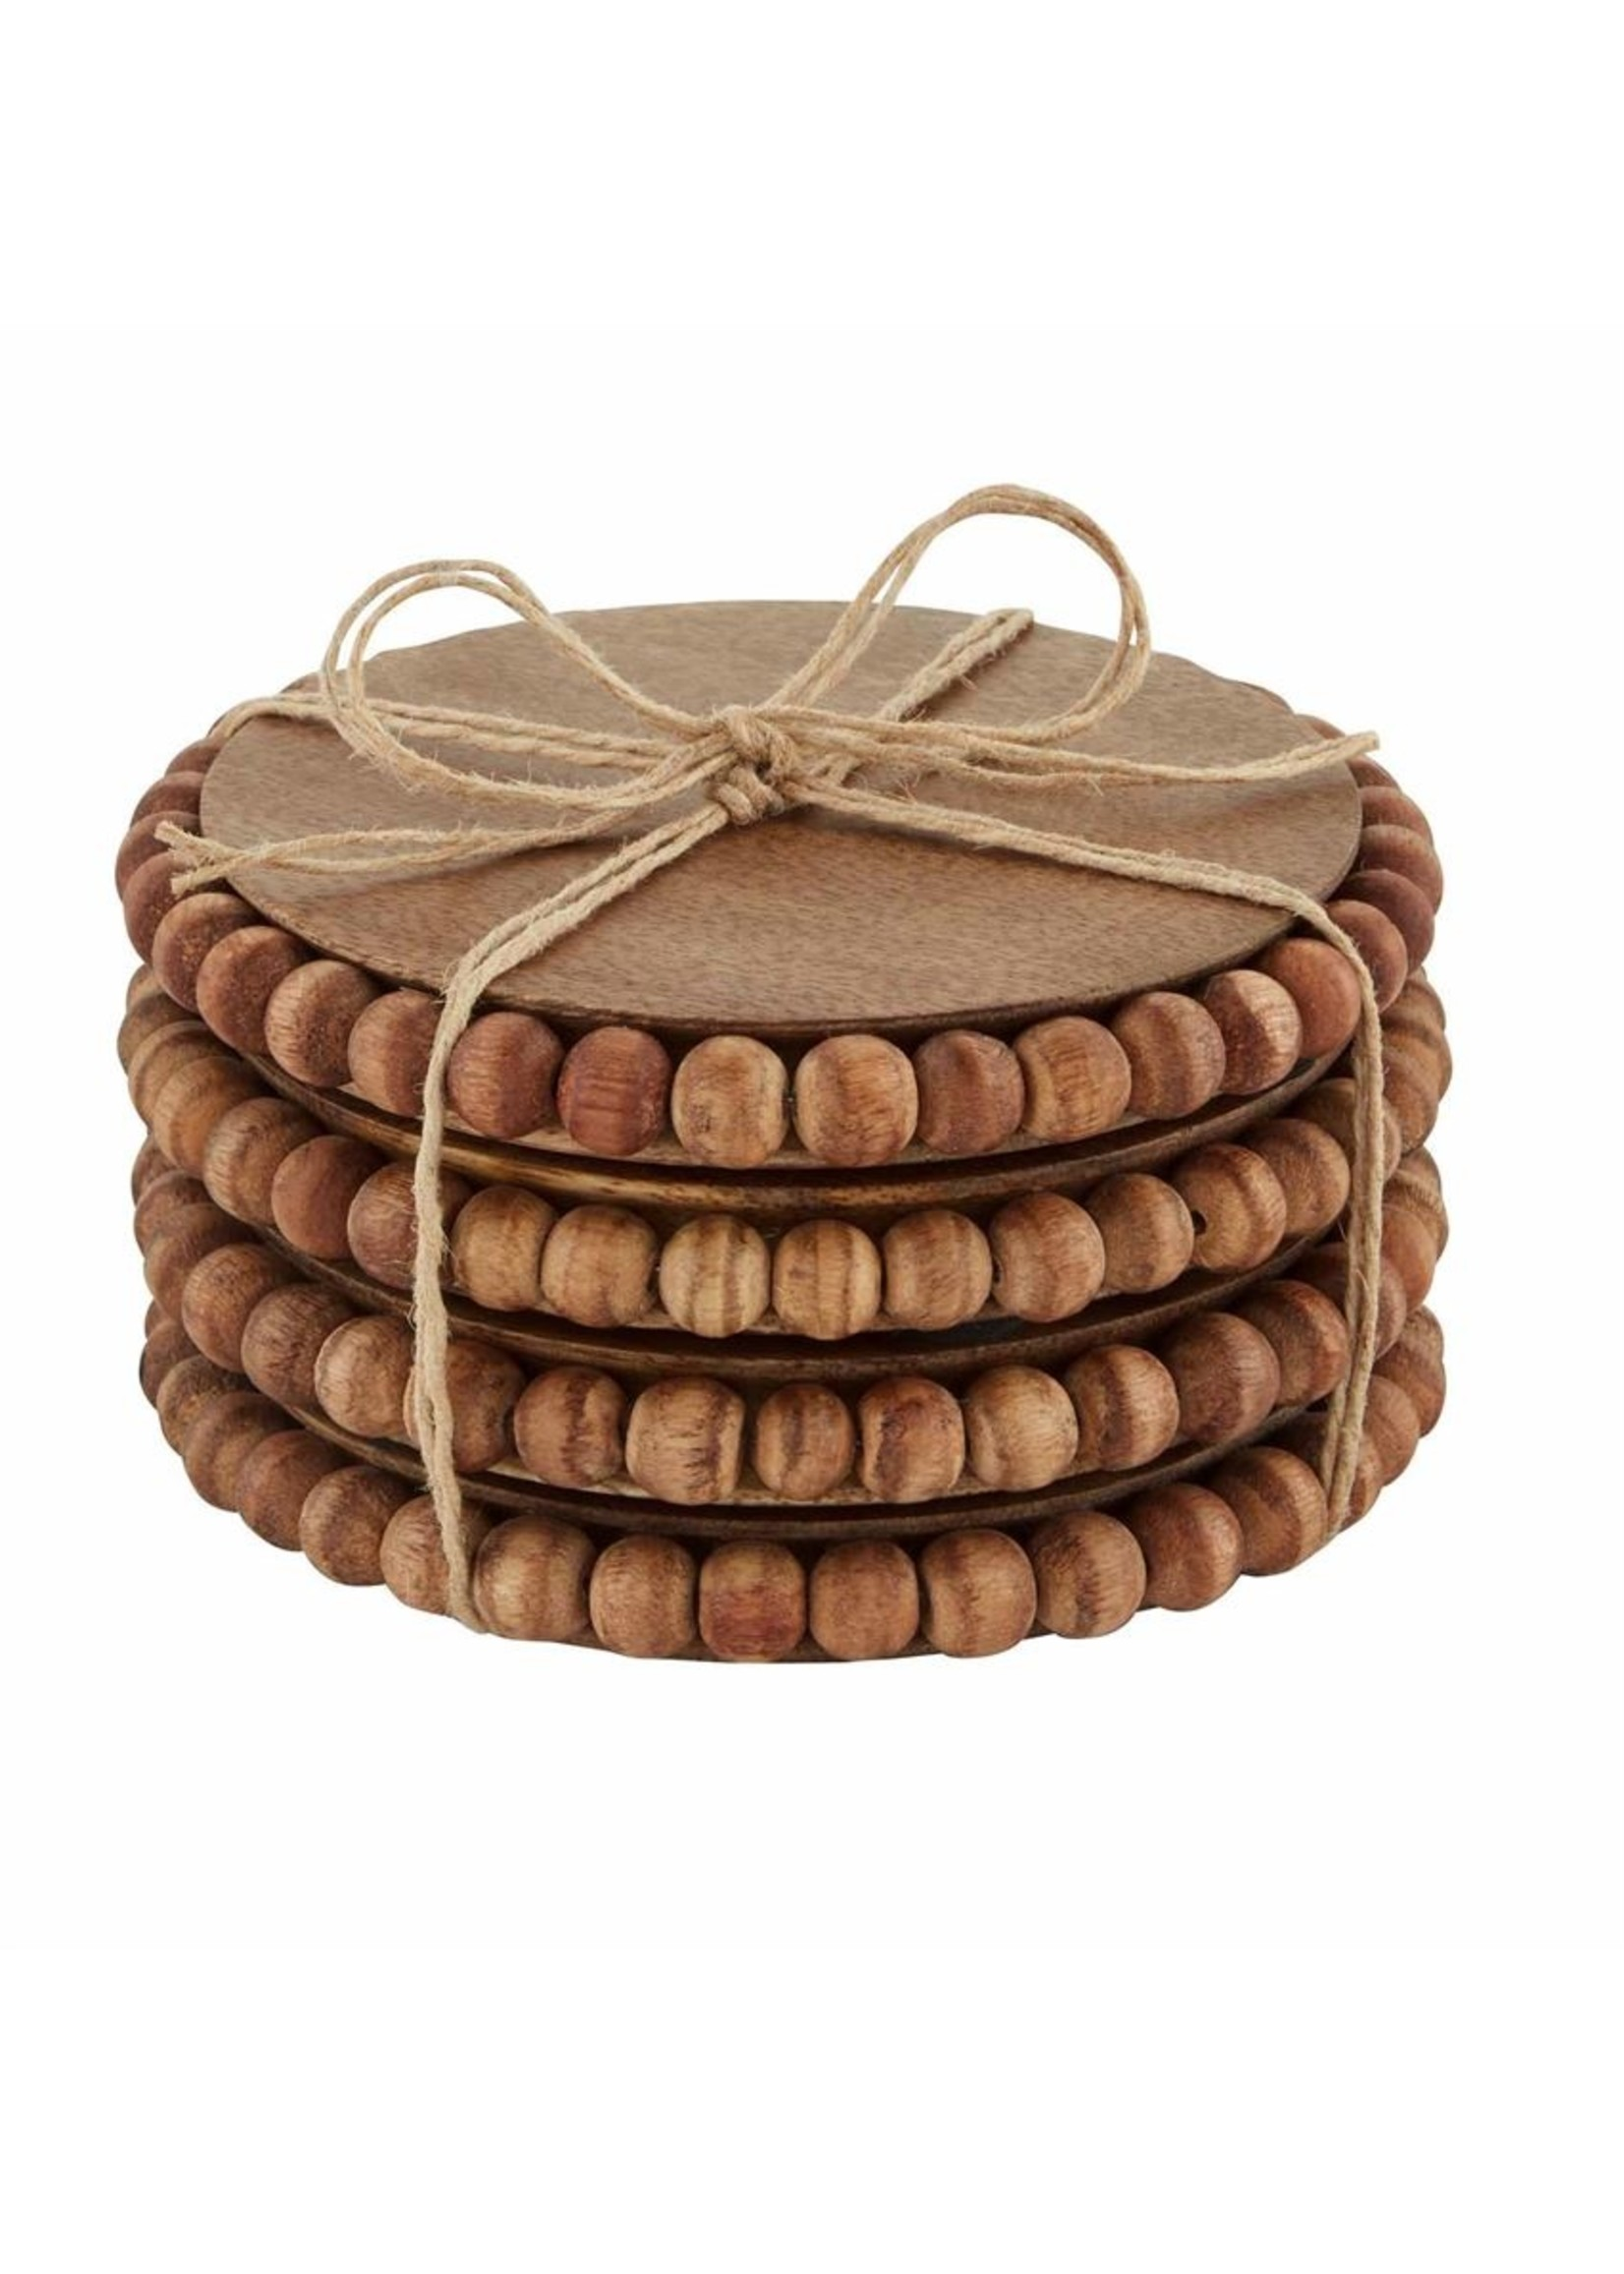 Mudpie Beaded Wood Coasters Natural